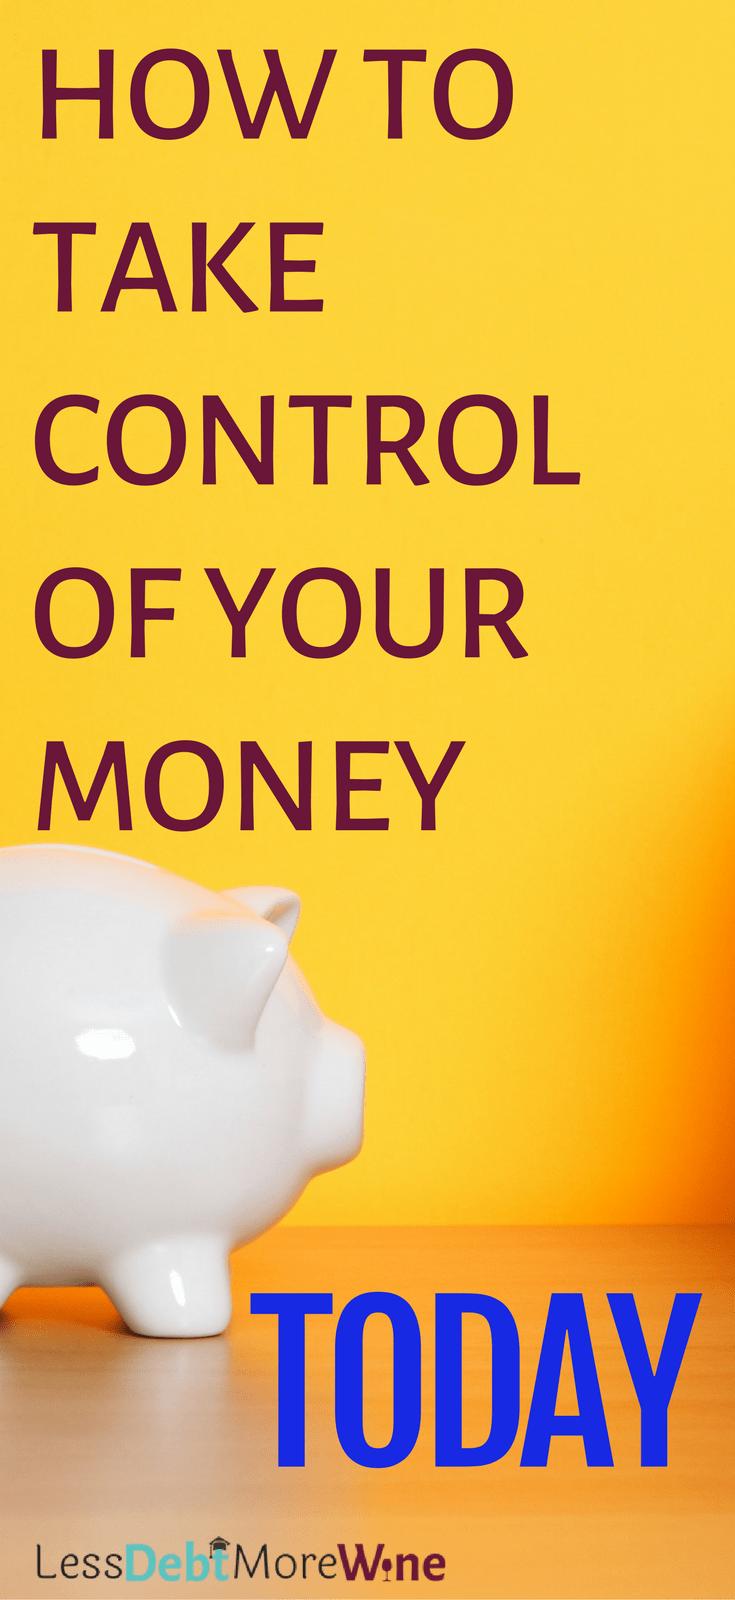 personal finance tips | millennial money tips | money management